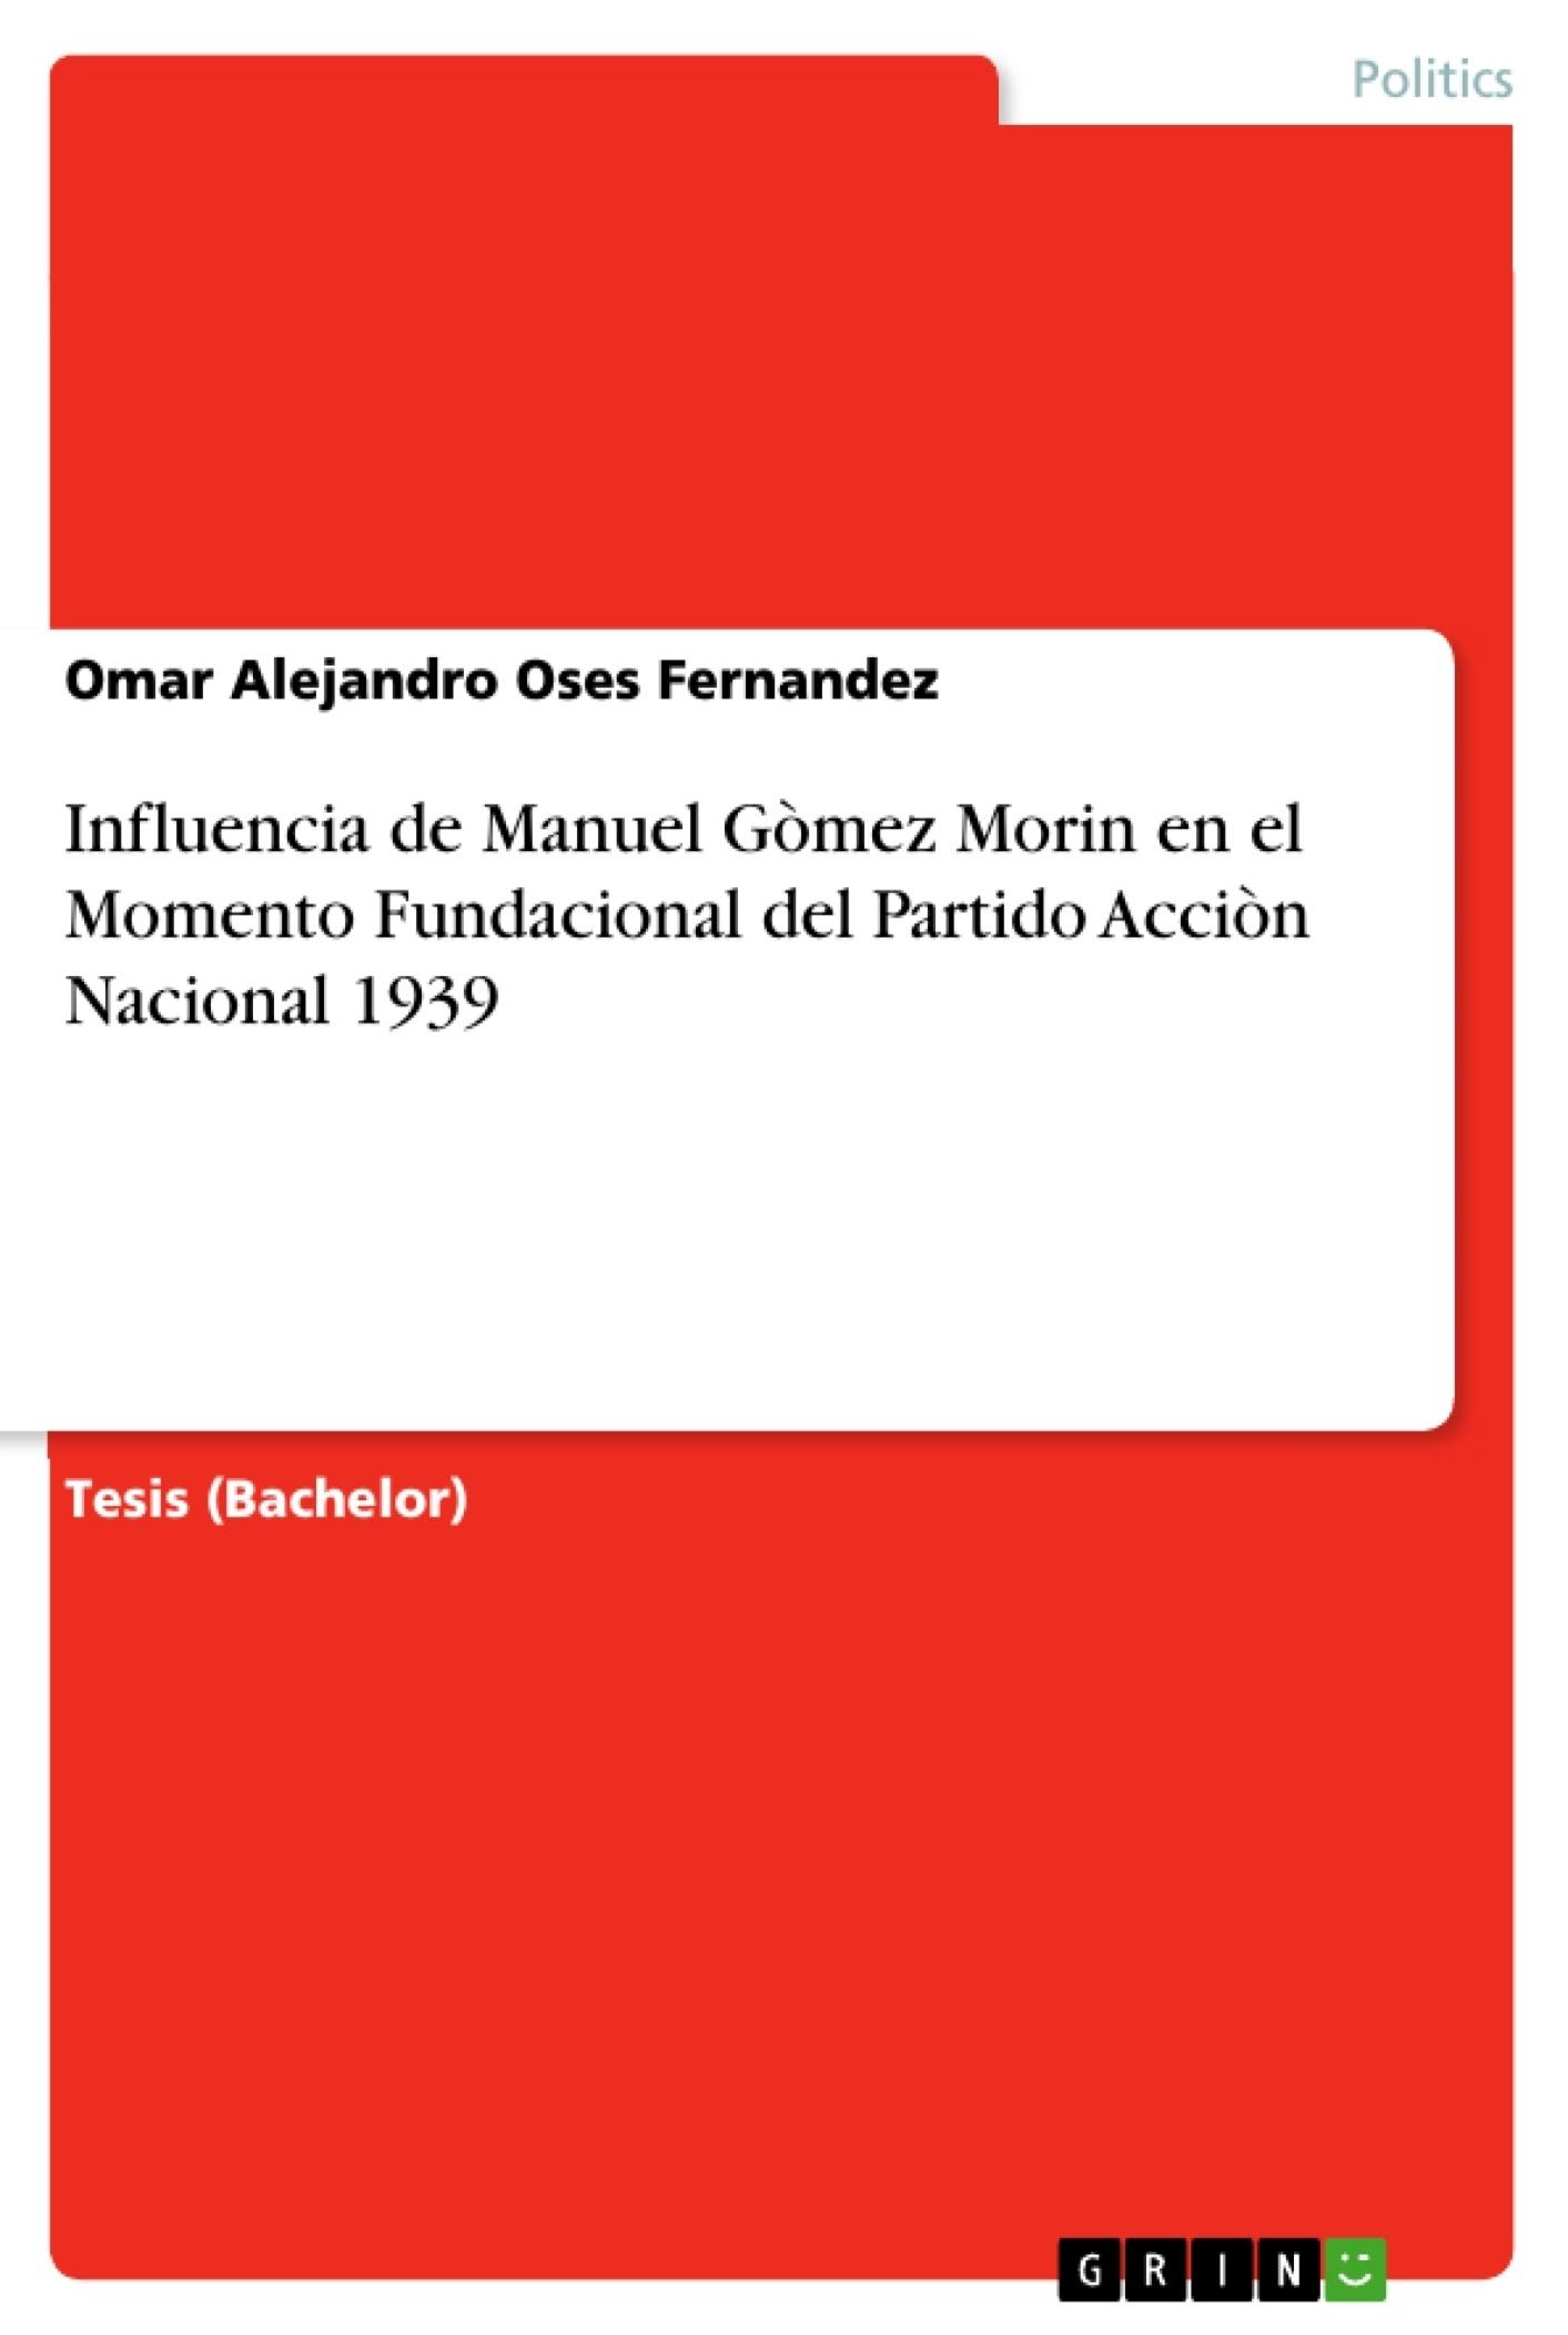 Título: Influencia de Manuel Gòmez Morin en el Momento Fundacional del Partido Acciòn Nacional 1939